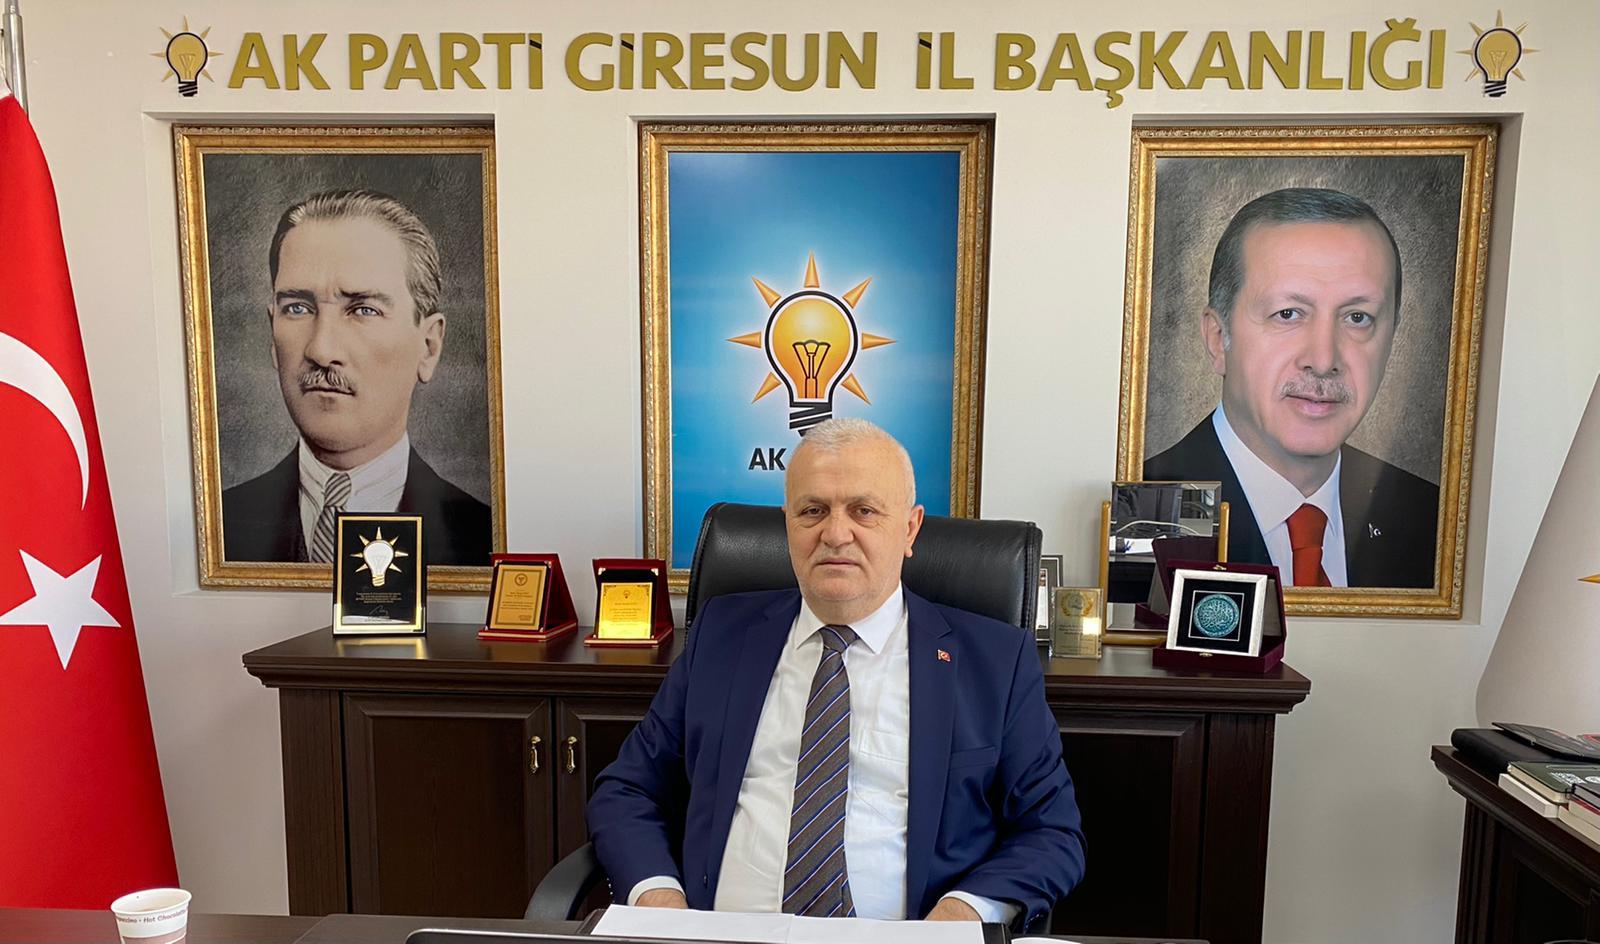 AK Parti Giresun 7. Olağan İl Kongresi 8 Şubat'ta